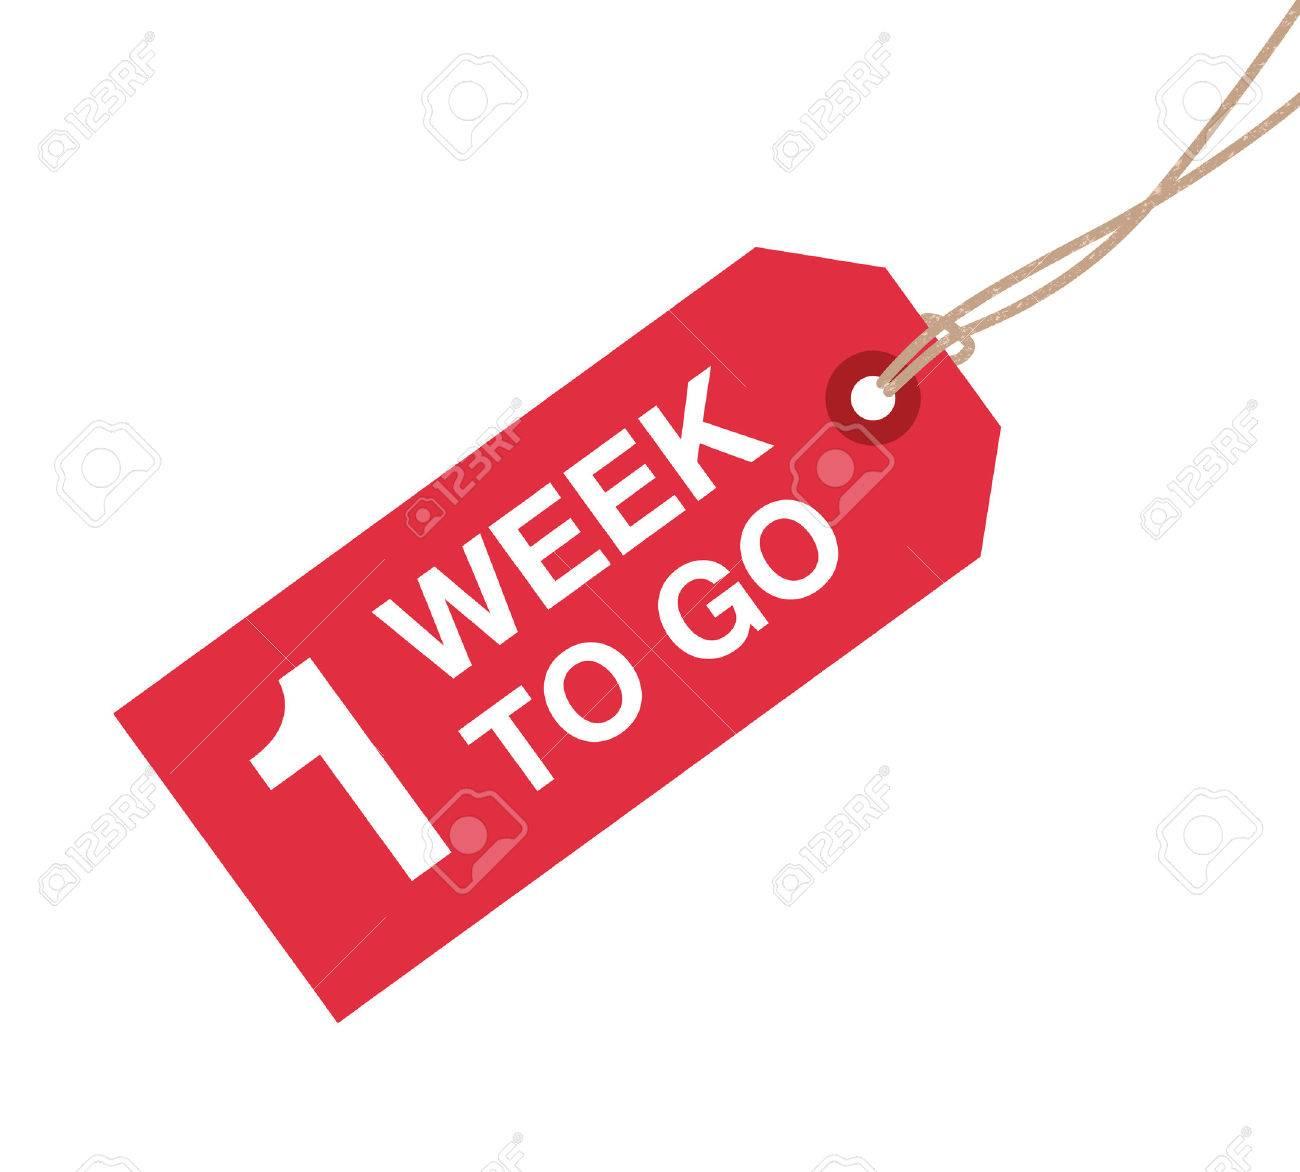 une semaine pour aller signe Banque d'images - 37702467